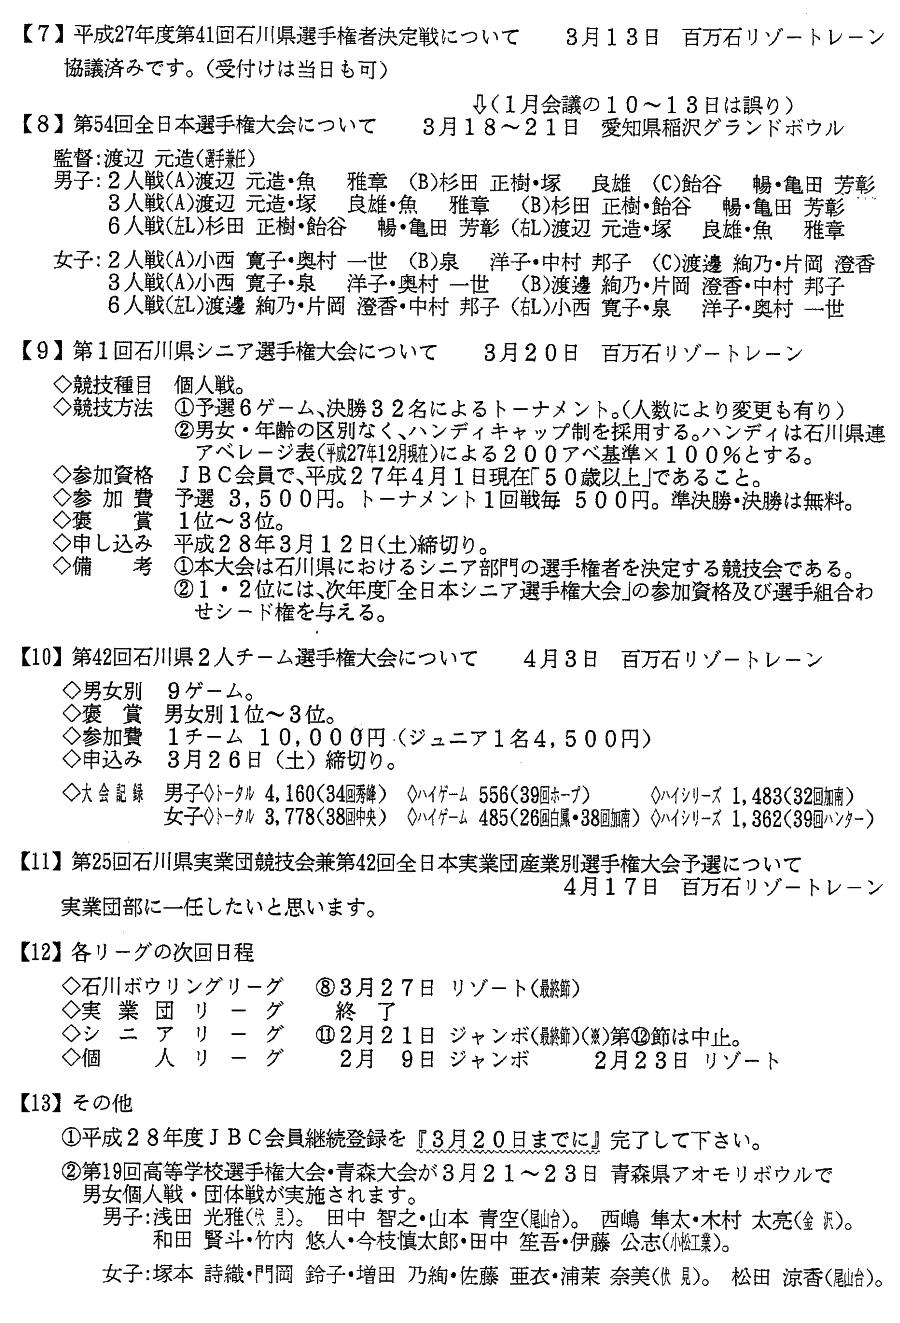 月例連絡会議 2016年02月_02